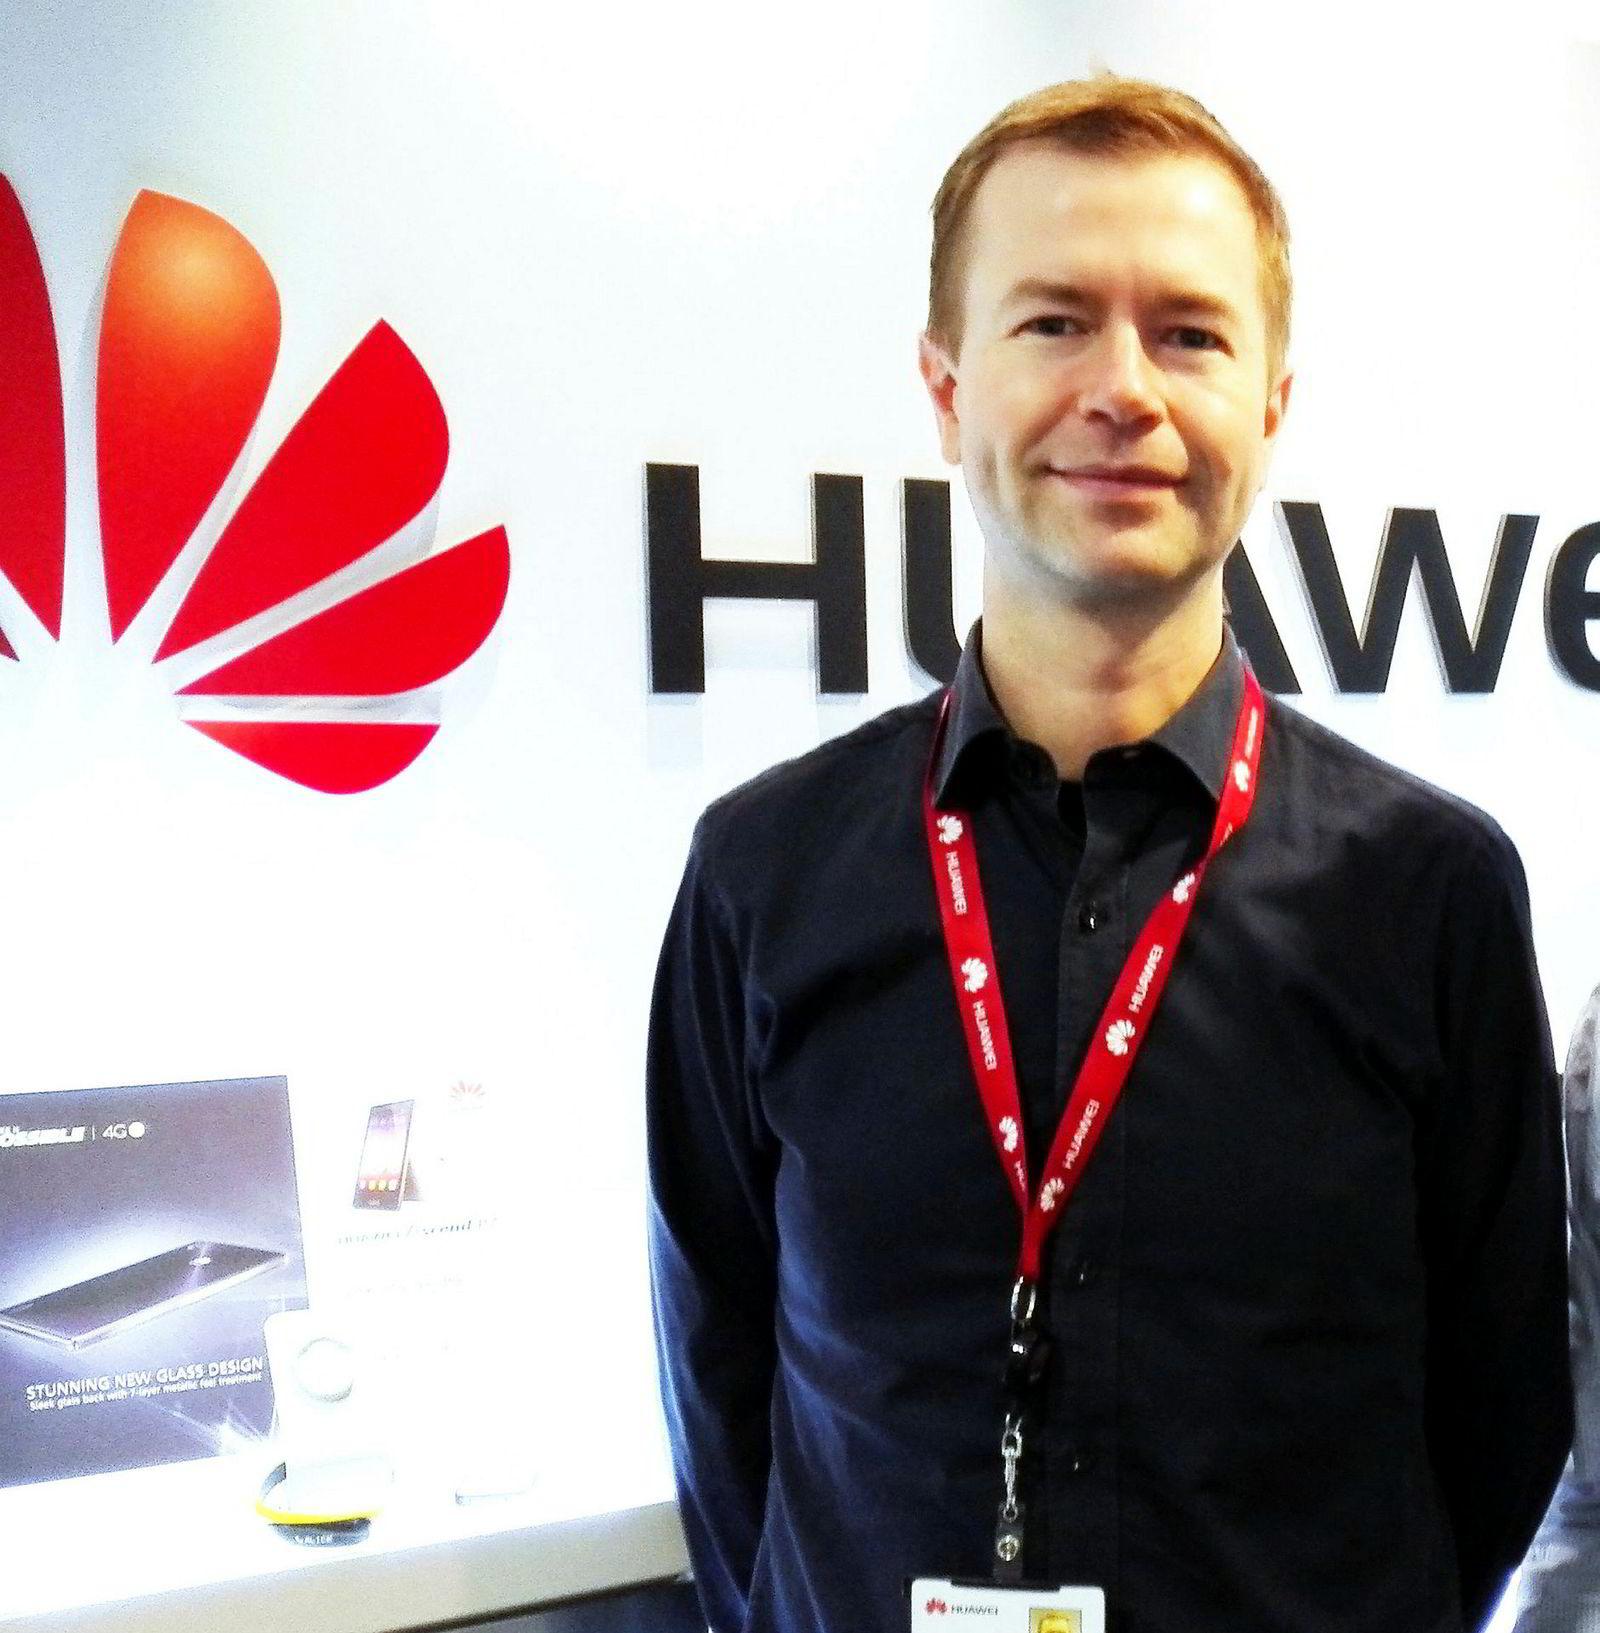 – Fra vår side tror vi fortsatt på konkurranse på like vilkår med andre leverandører, sier kommunikasjonssjef Erik Thomas Ganer i Huawei Norge.